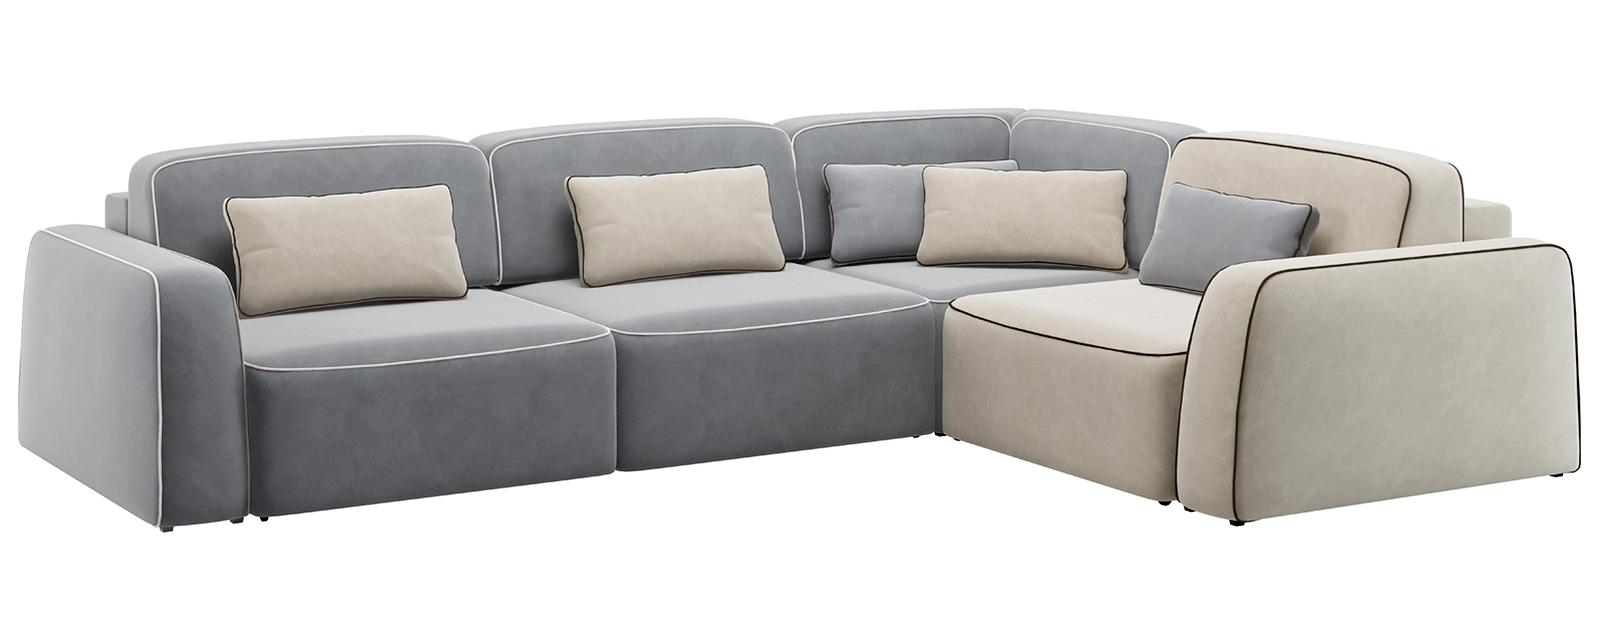 Модульный диван Портленд 350 см Вариант №1 Velutto серый/бежевый (Велюр)